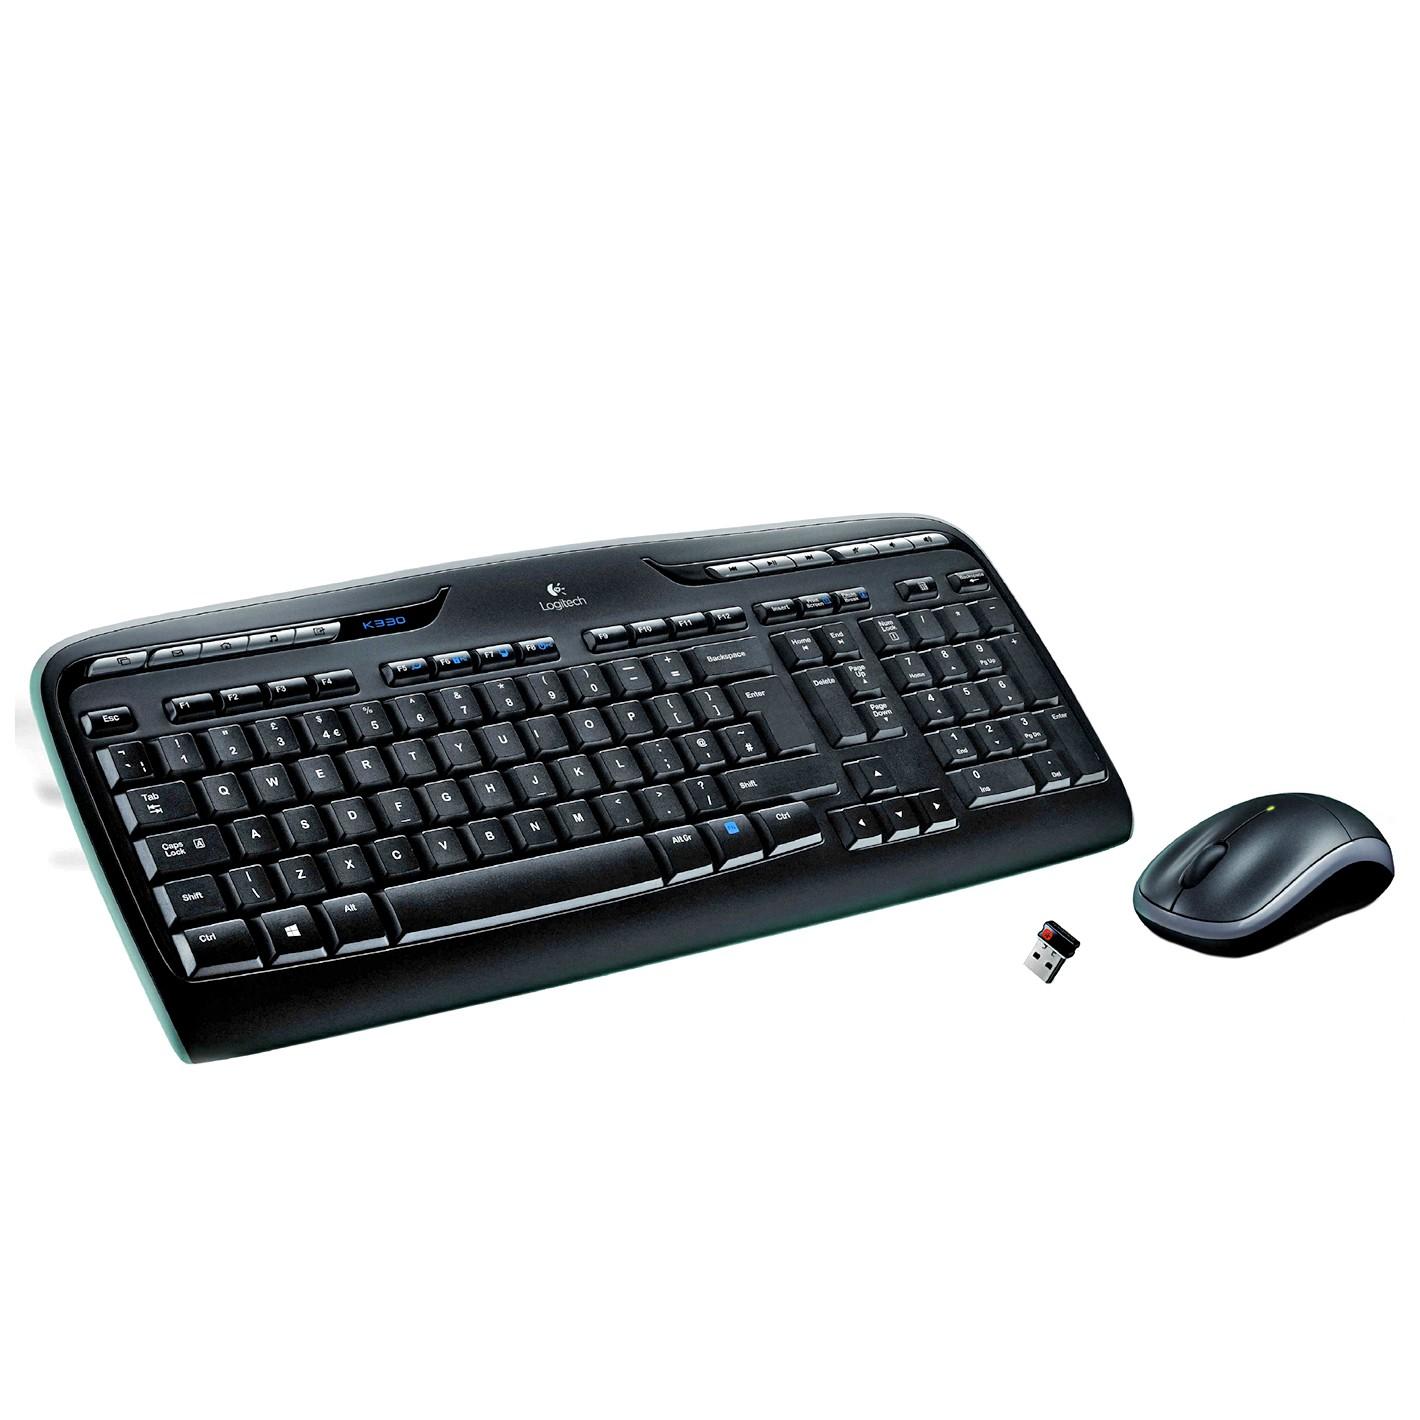 TECLADO LOGITECH INALAMBRICO KIT T+R MK330 DESKTOP USB/INAL 920-003978